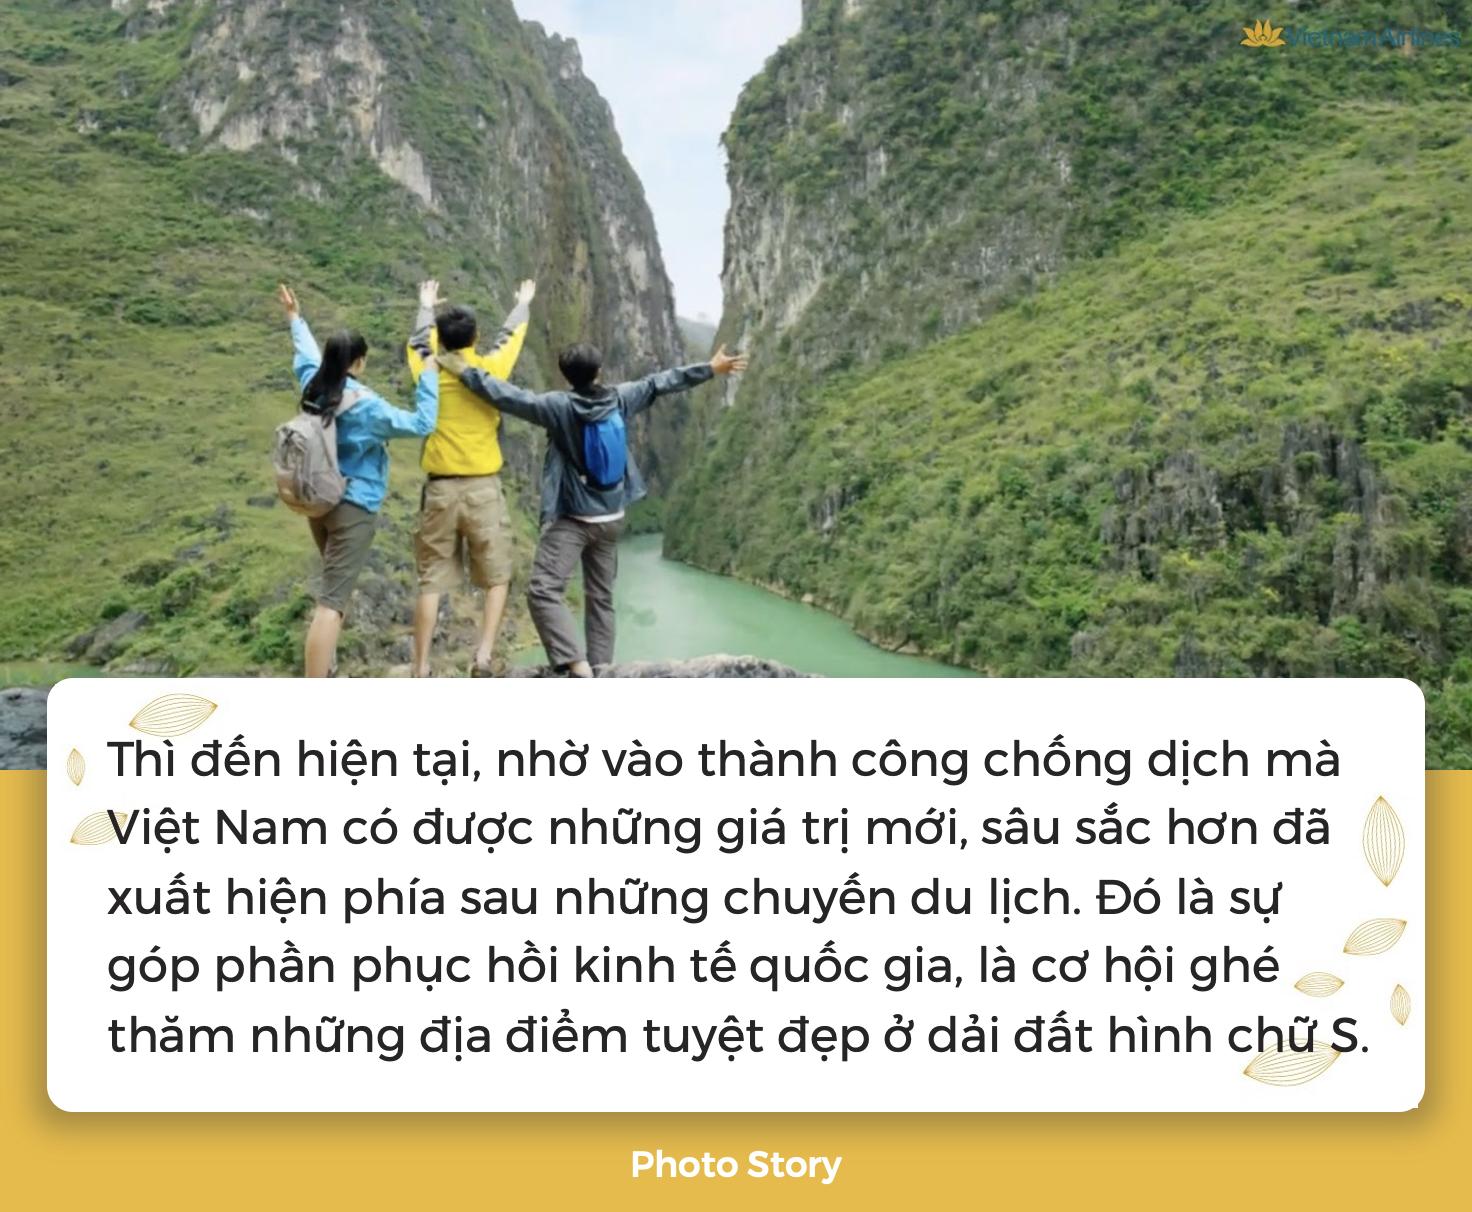 """Cùng Vietnam Airlines lan tỏa thông điệp """"Vì sao chúng ta bay?"""", sẵn sàng mang niềm hy vọng đặt vào mùa xuân mới - Ảnh 6."""